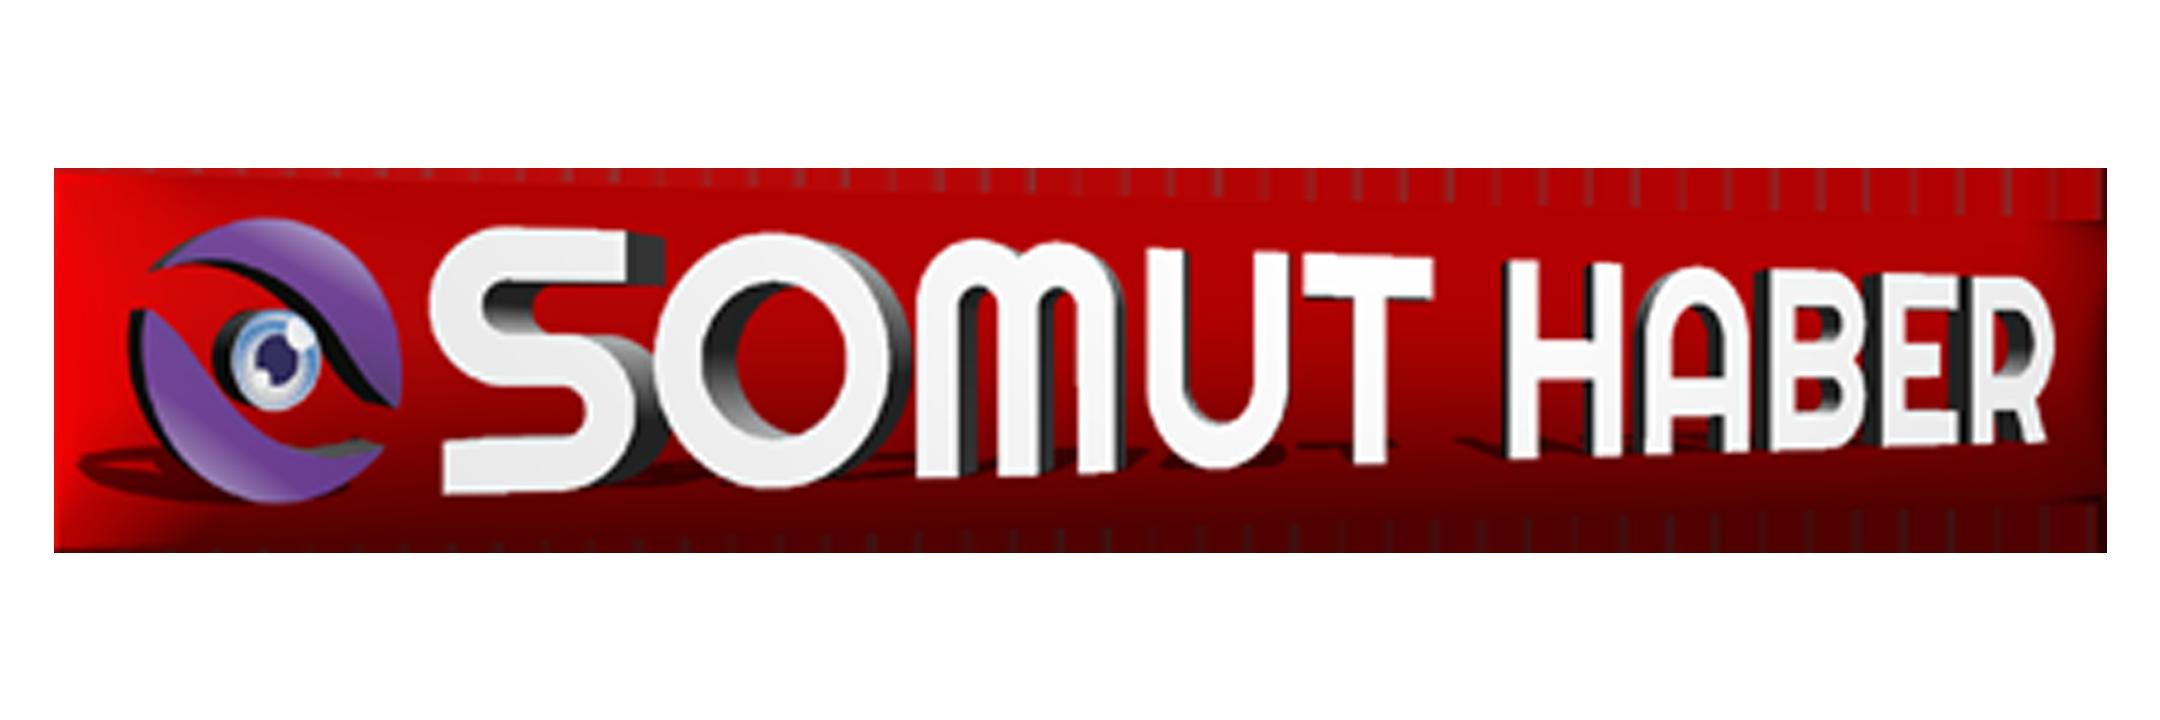 Somut Haber - Son Dakika Haberleri